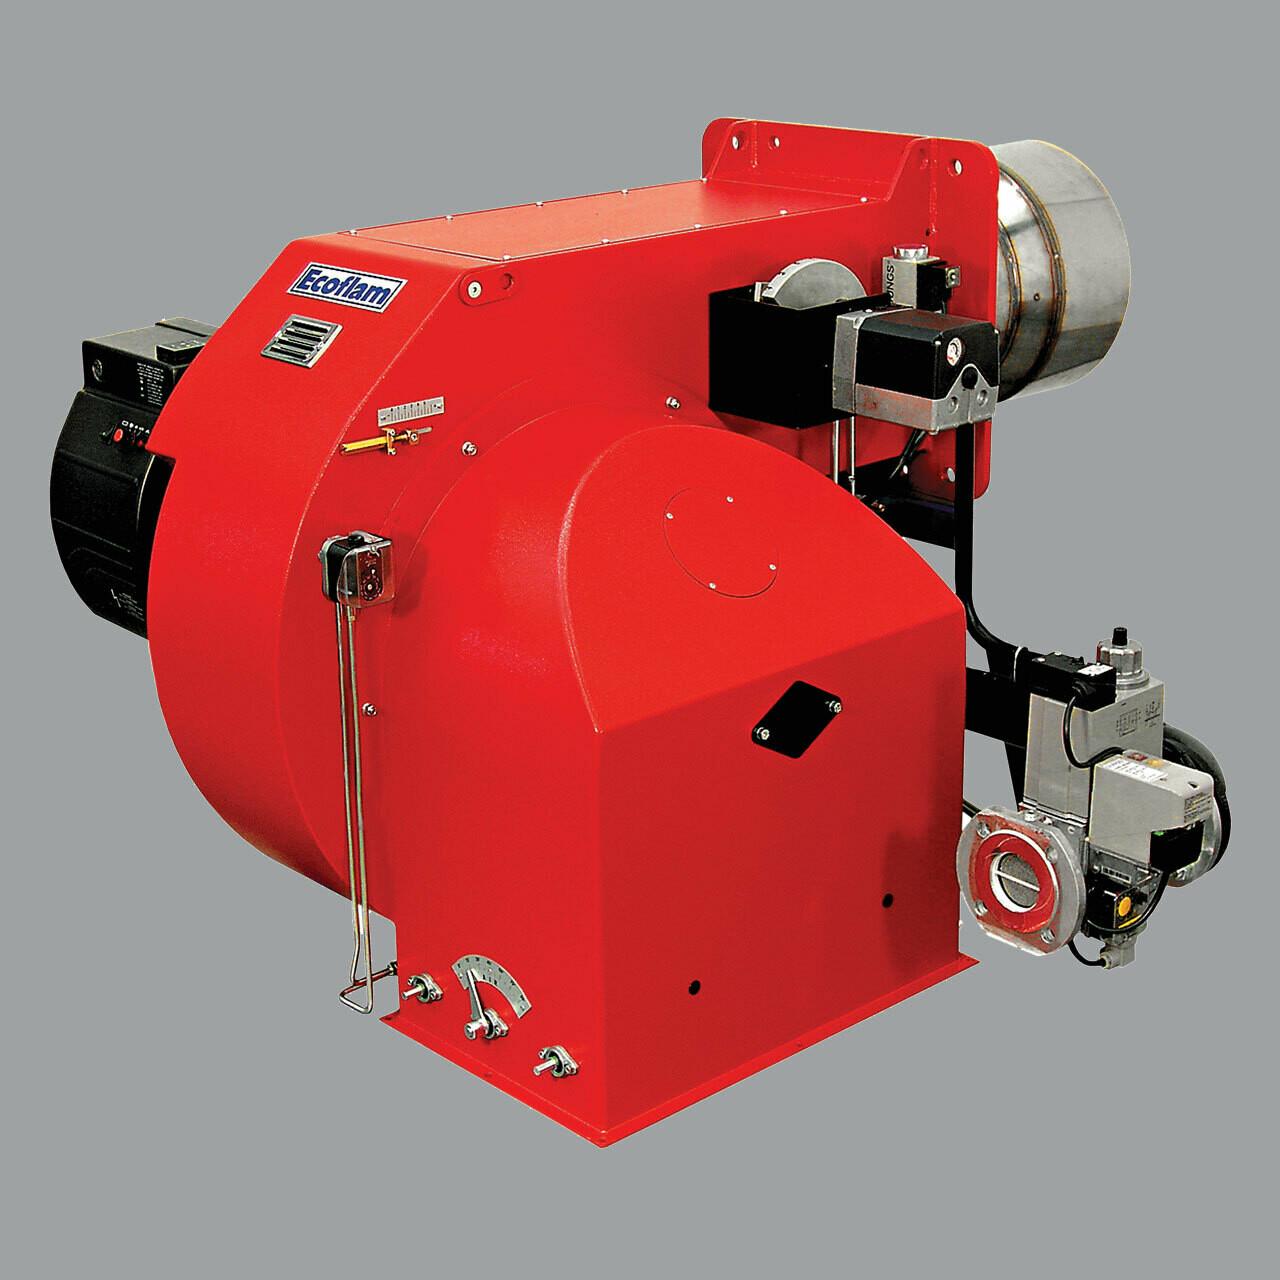 Gas burner BLU 700 LN PAB TL (B36239900)